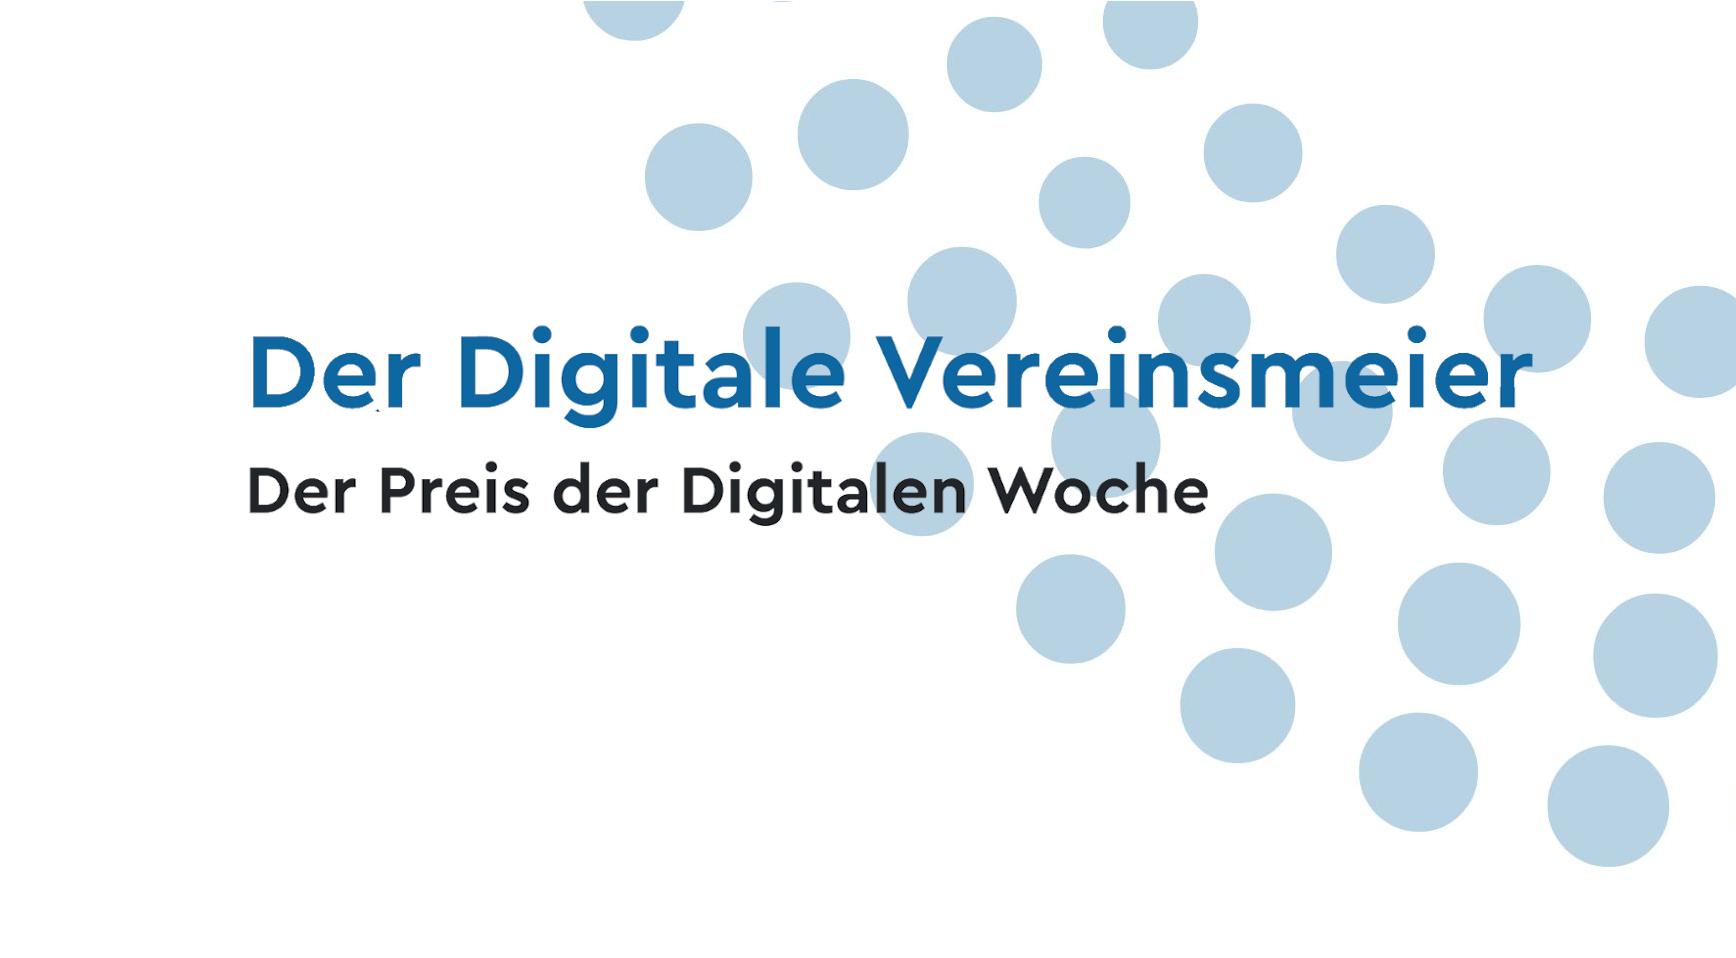 Titelbild: Der Digitale Vereinsmeier, Der Preis der Digitalen Woche